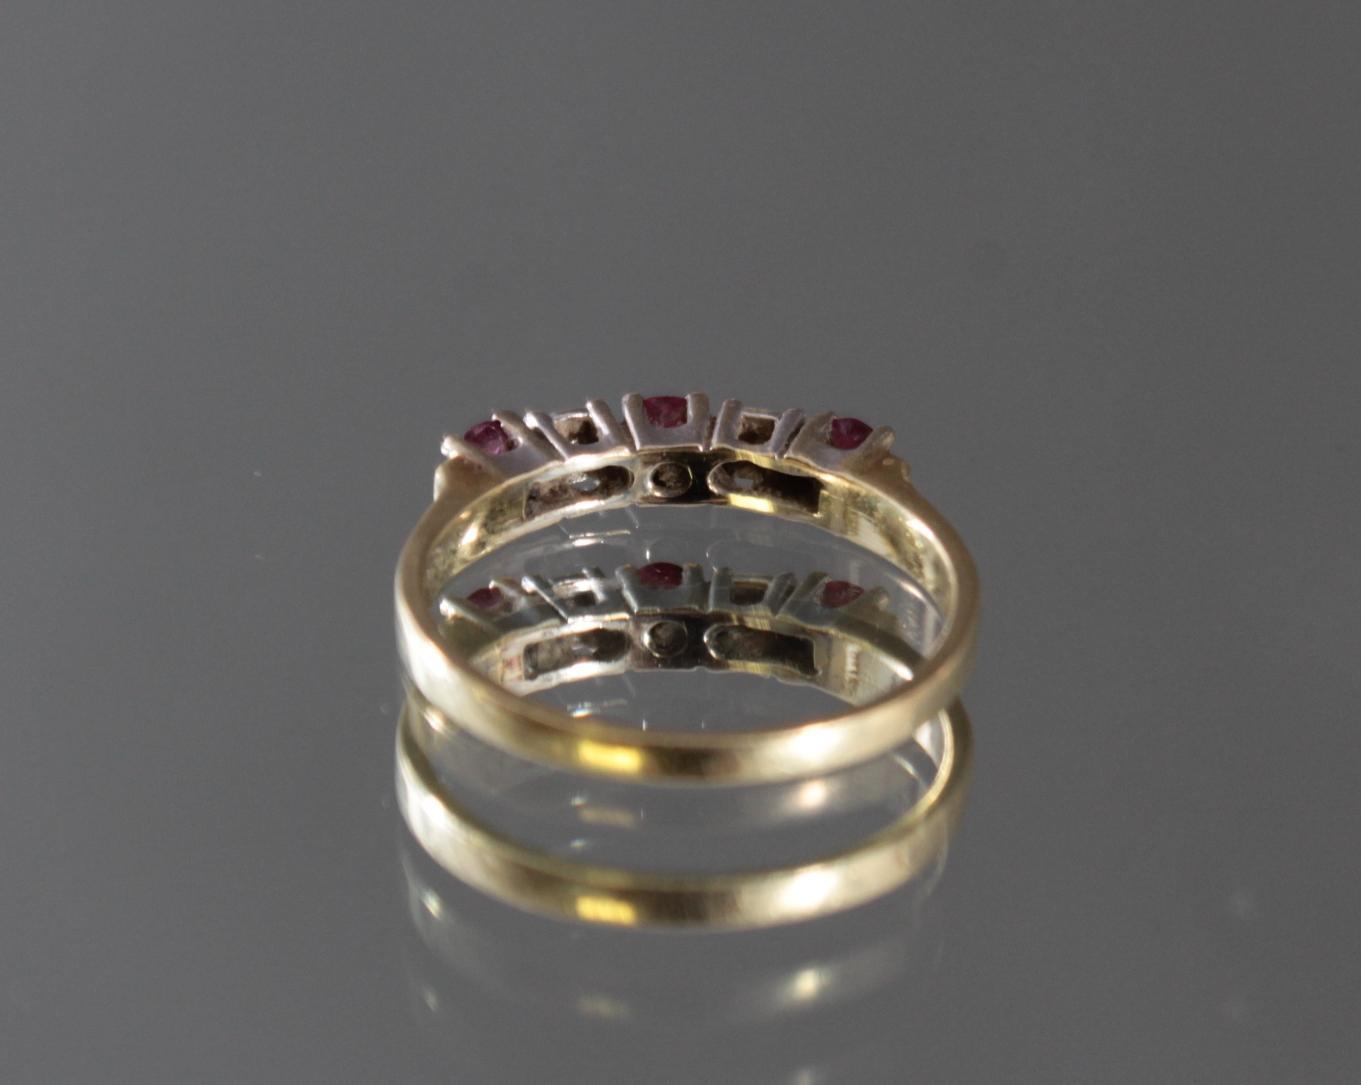 Damenring mit Rubinen und Diamanten, 14 Karat Gelbgold-3